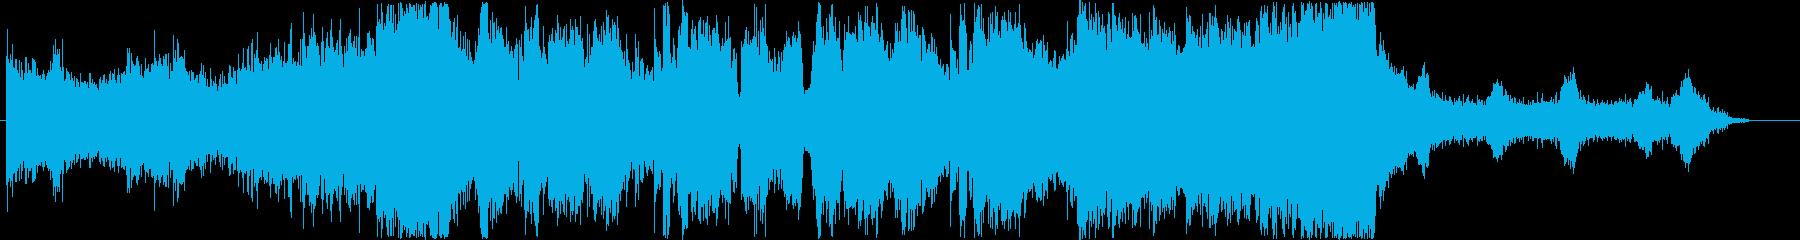 ダブステップよりのEDMの再生済みの波形